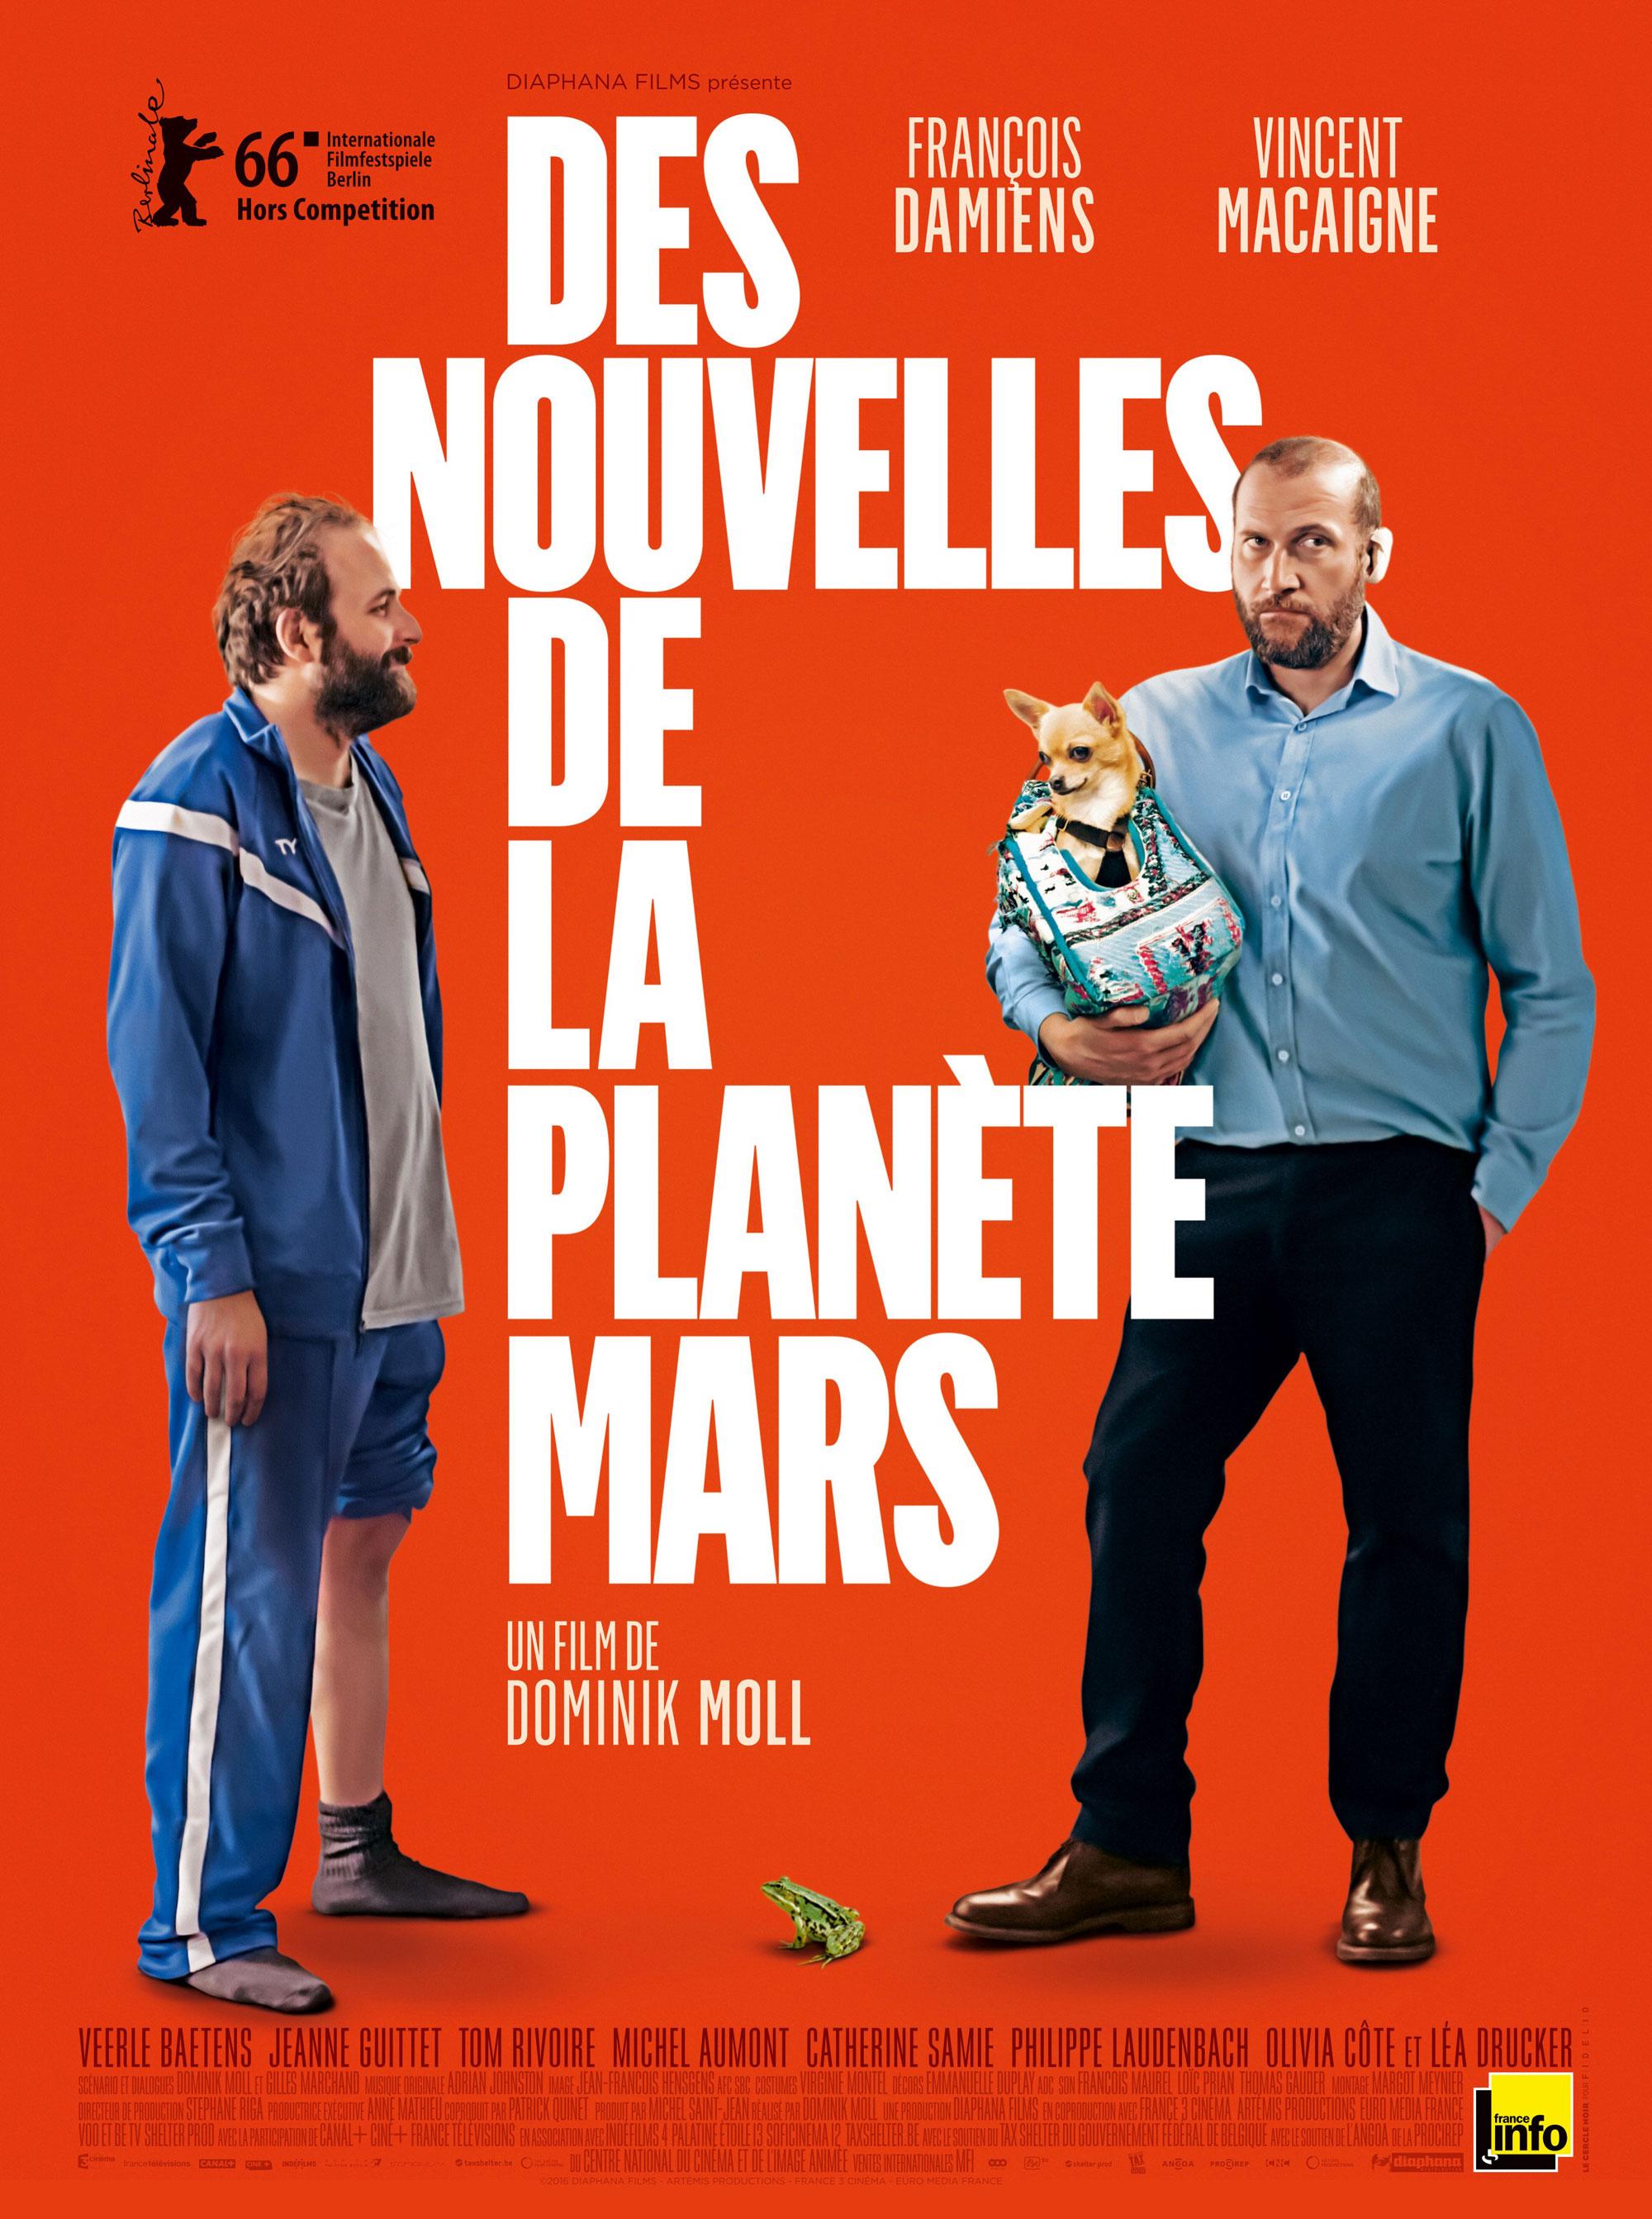 Des nouvelles de la planète Mars - Affiche